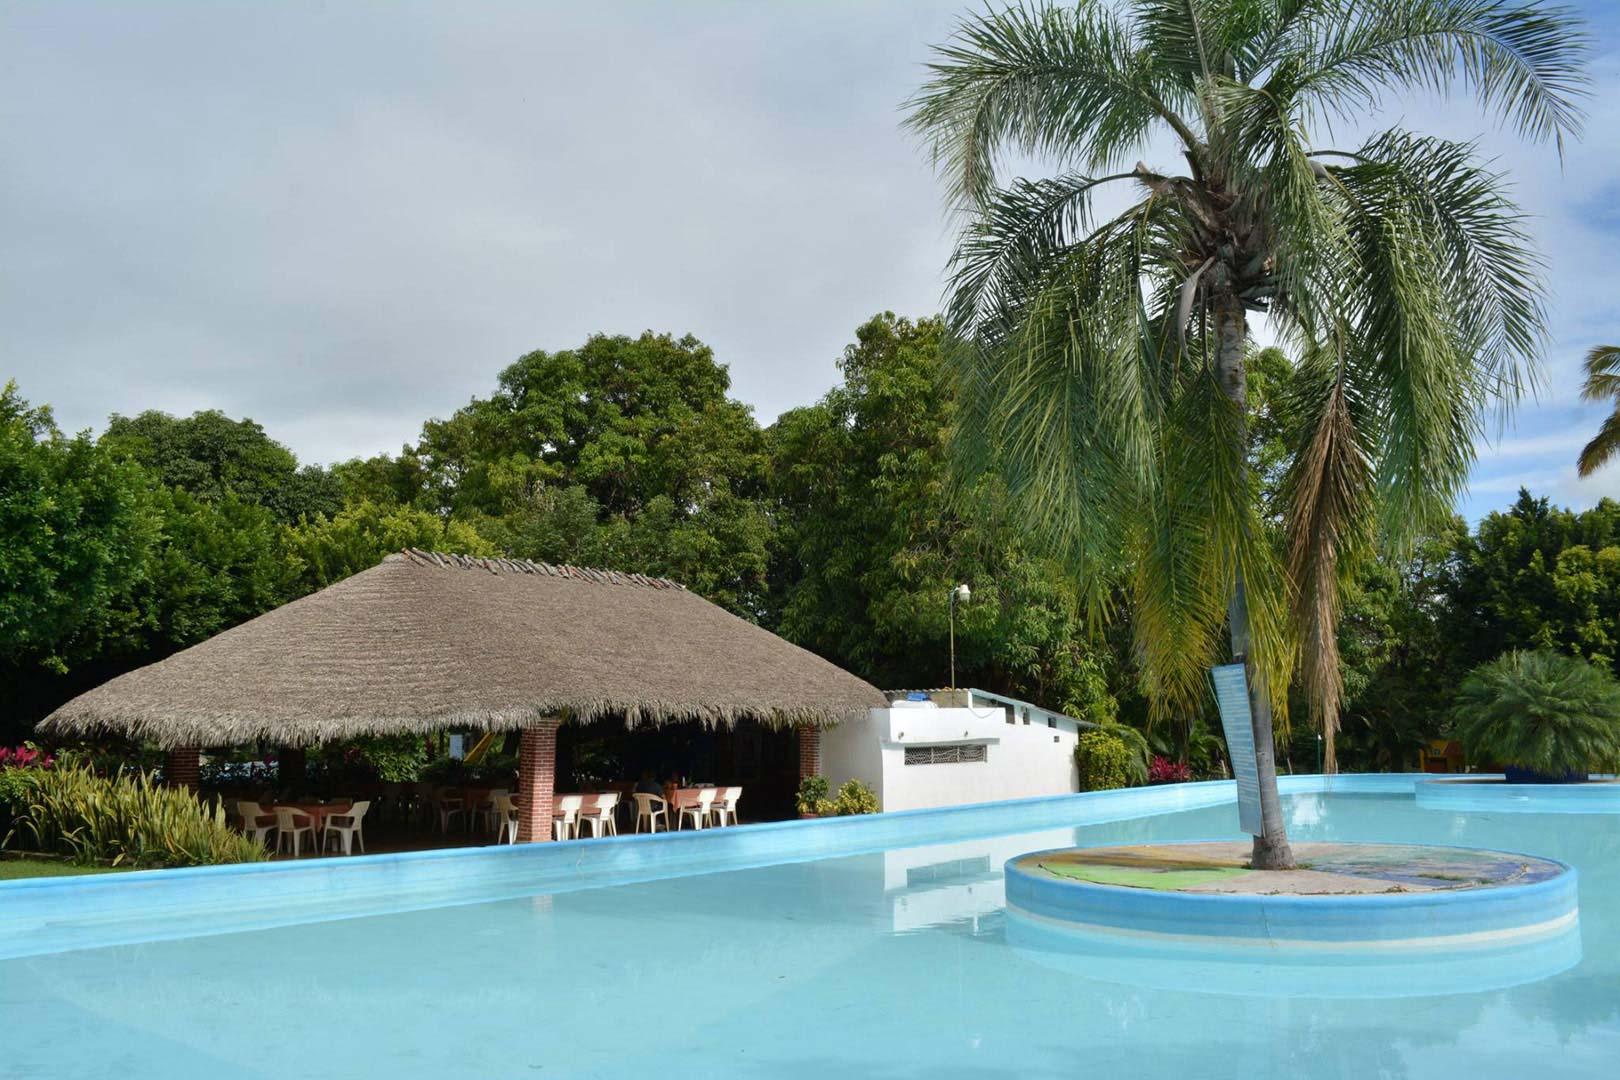 Balneario Las Palmas en Tehuixtla – Morelos: Ubicación, Precios y Servicios del Parque Acuático